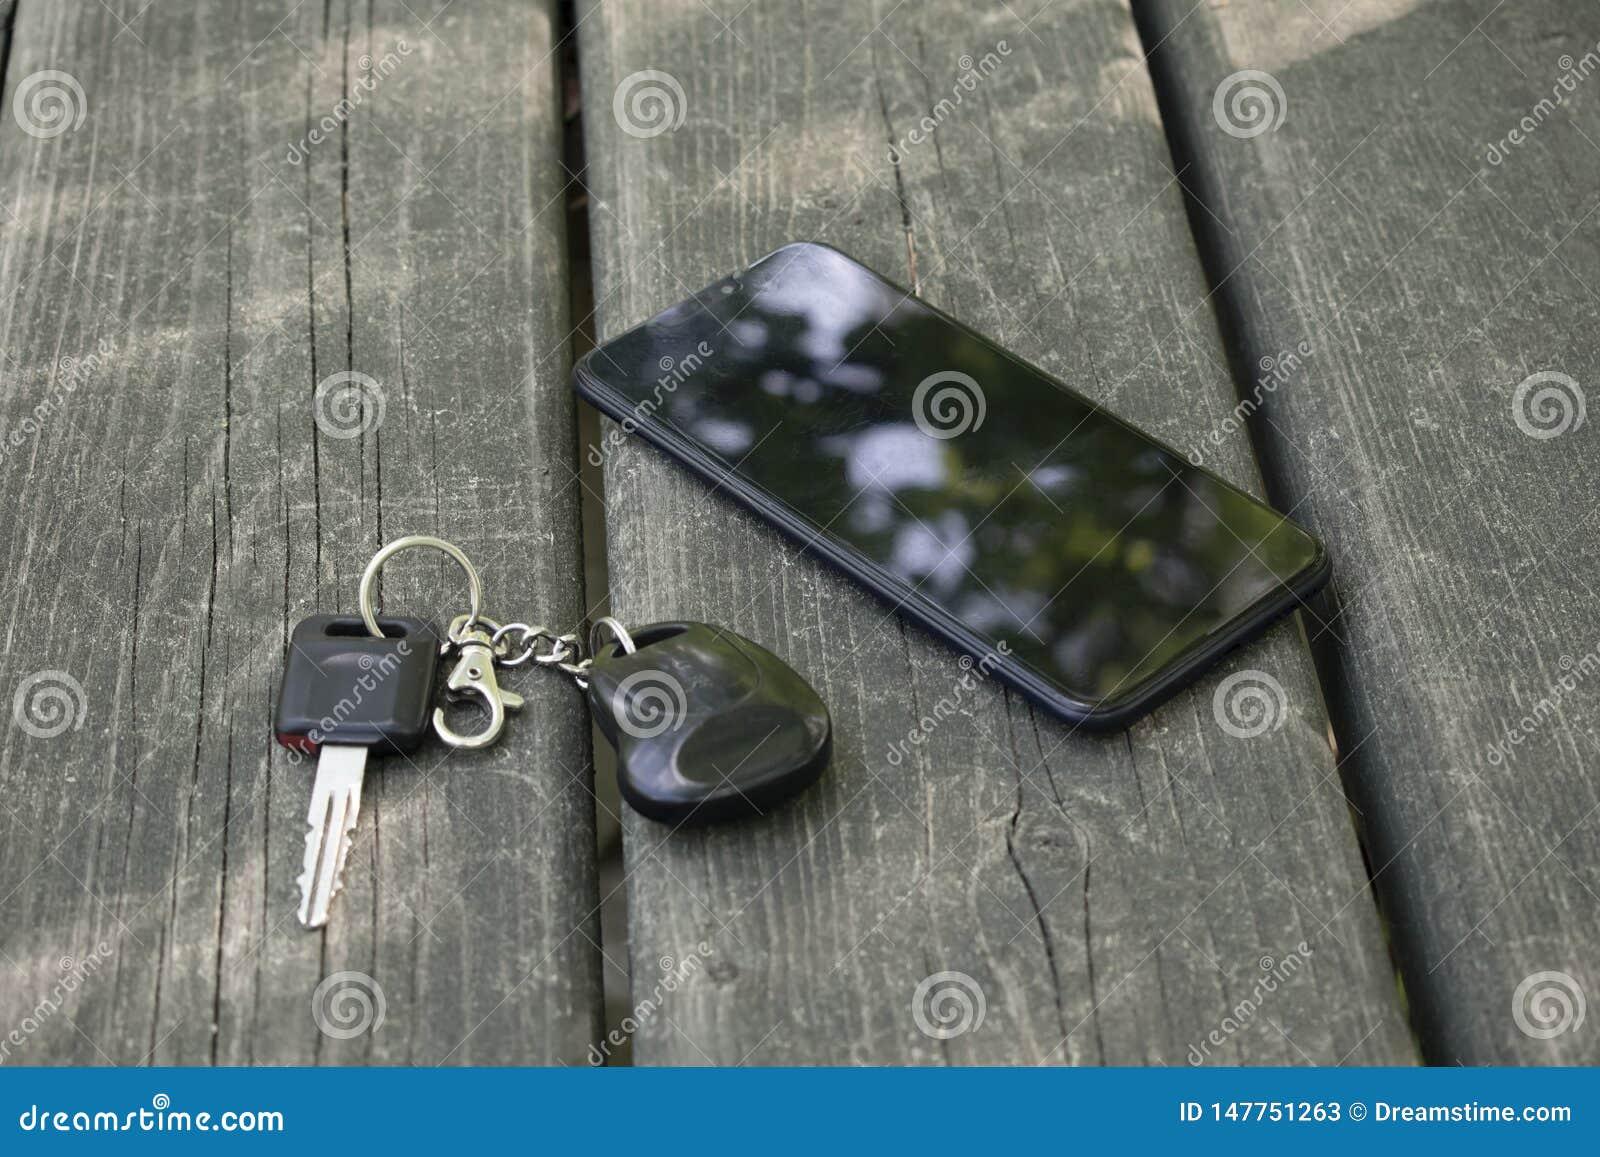 Smartphone und Autoschlüssel liegen auf einem Holztisch